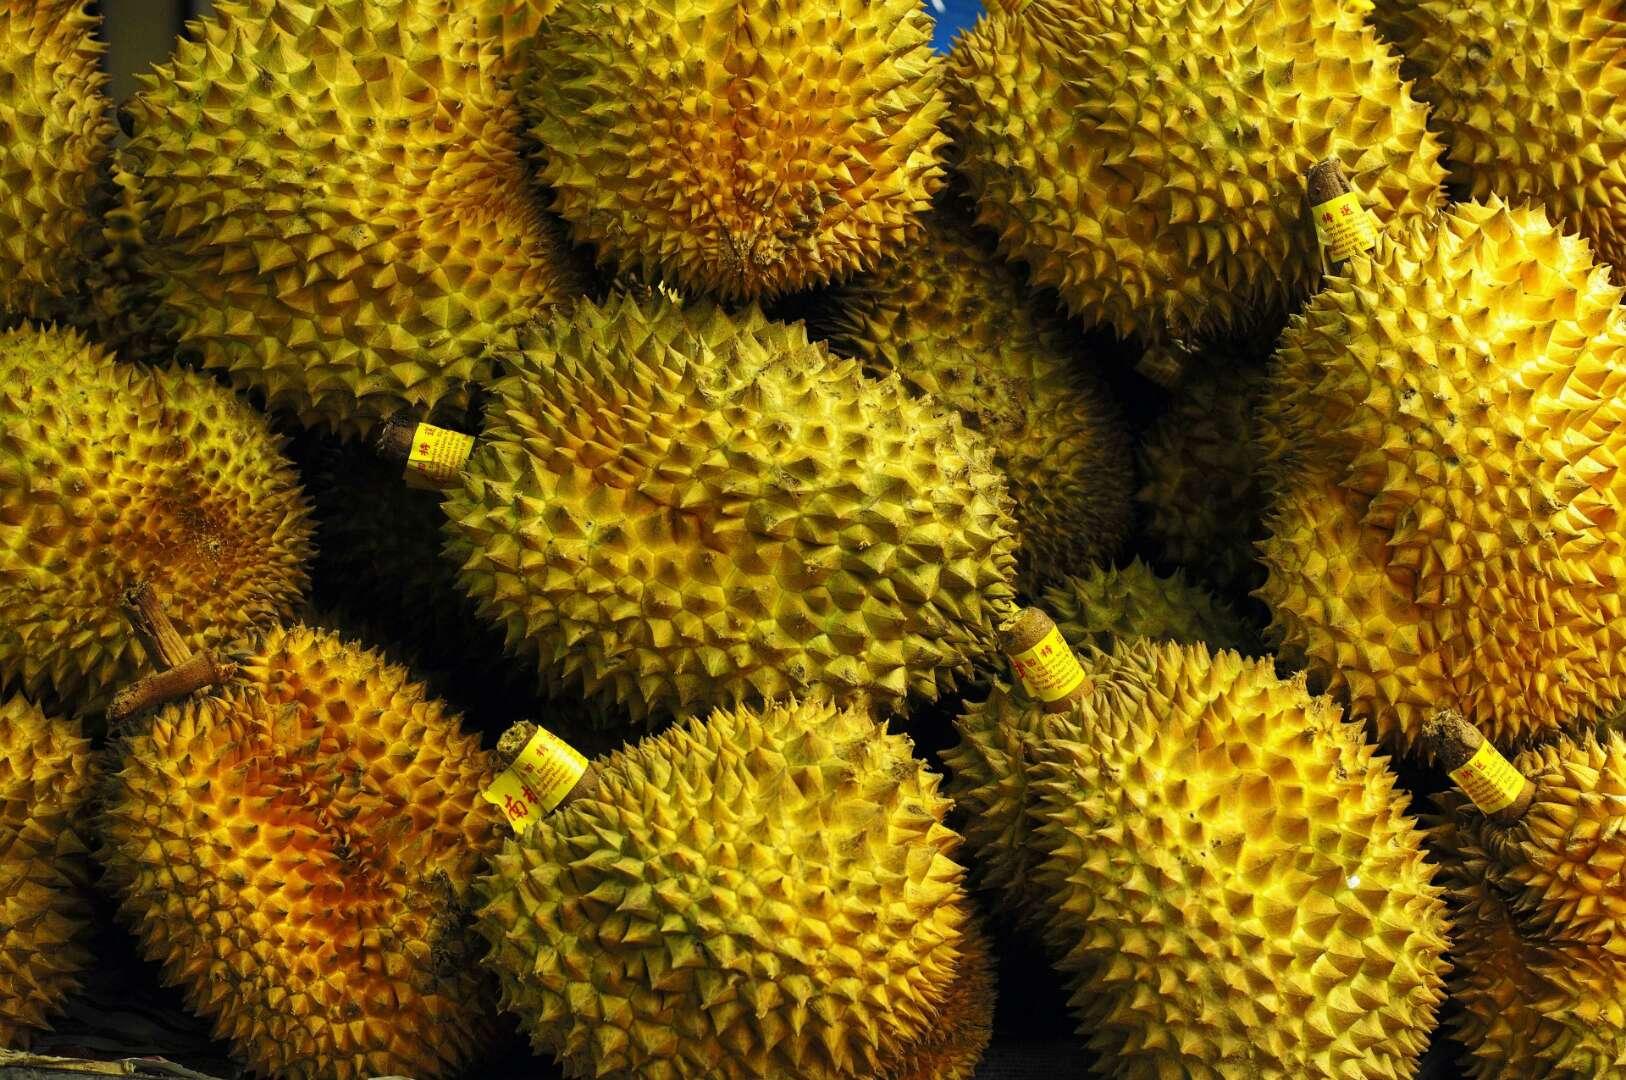 泰国进口新鲜水果金枕头榴莲 2-9斤一个航空包邮坏果包赔